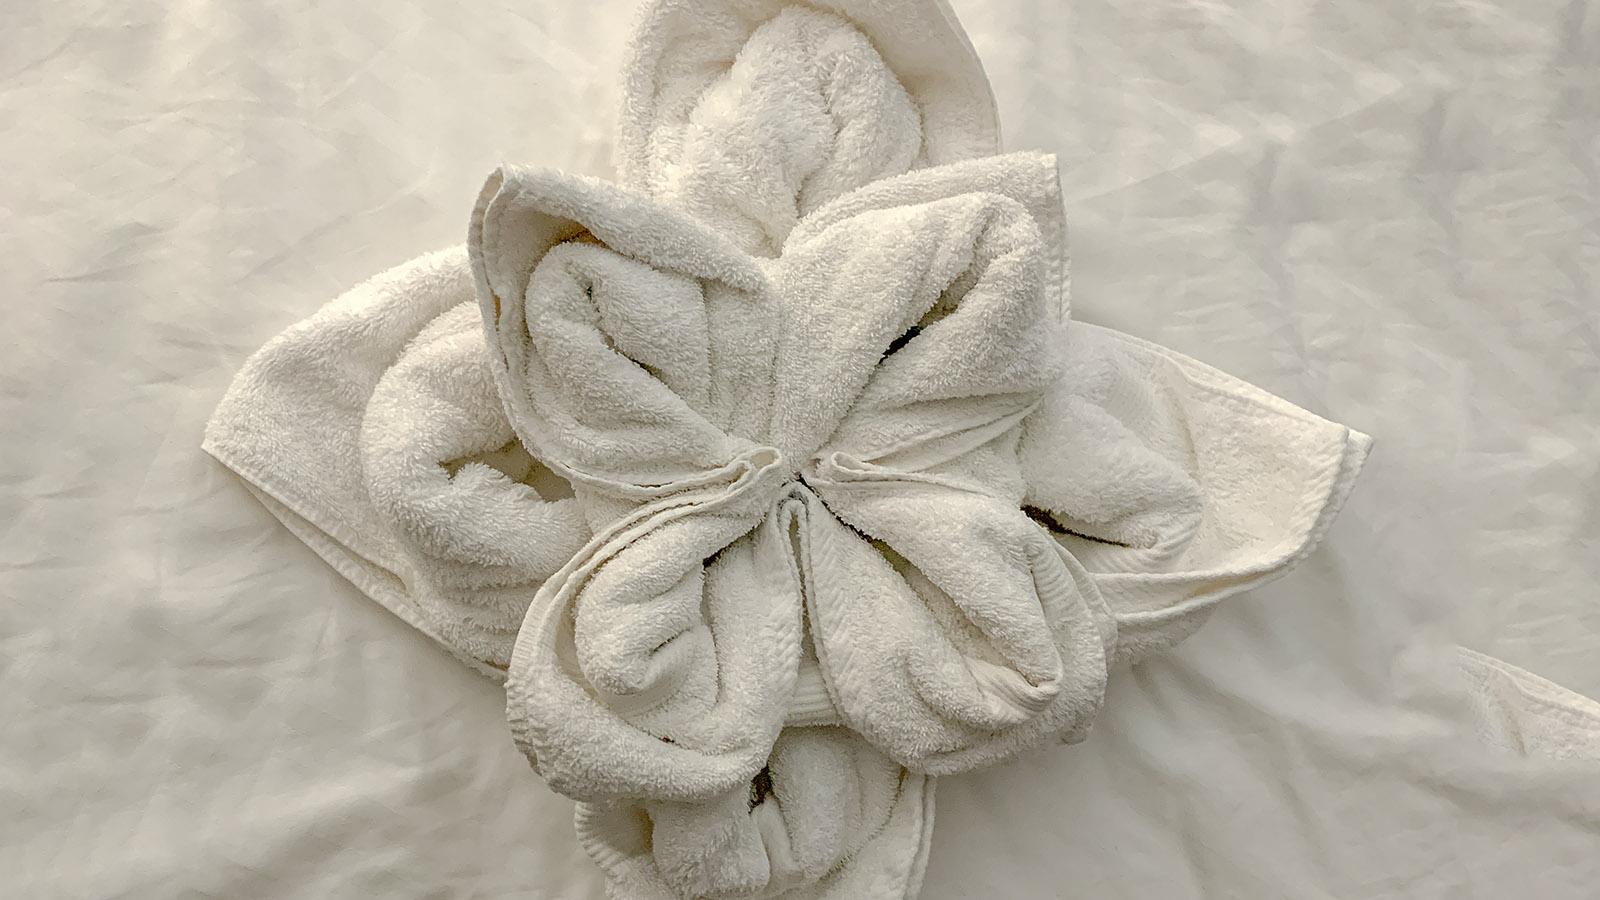 Ein Handtuch als Blume - so überraschte mich der Zimmerservice. Foto: Hilke Maunder